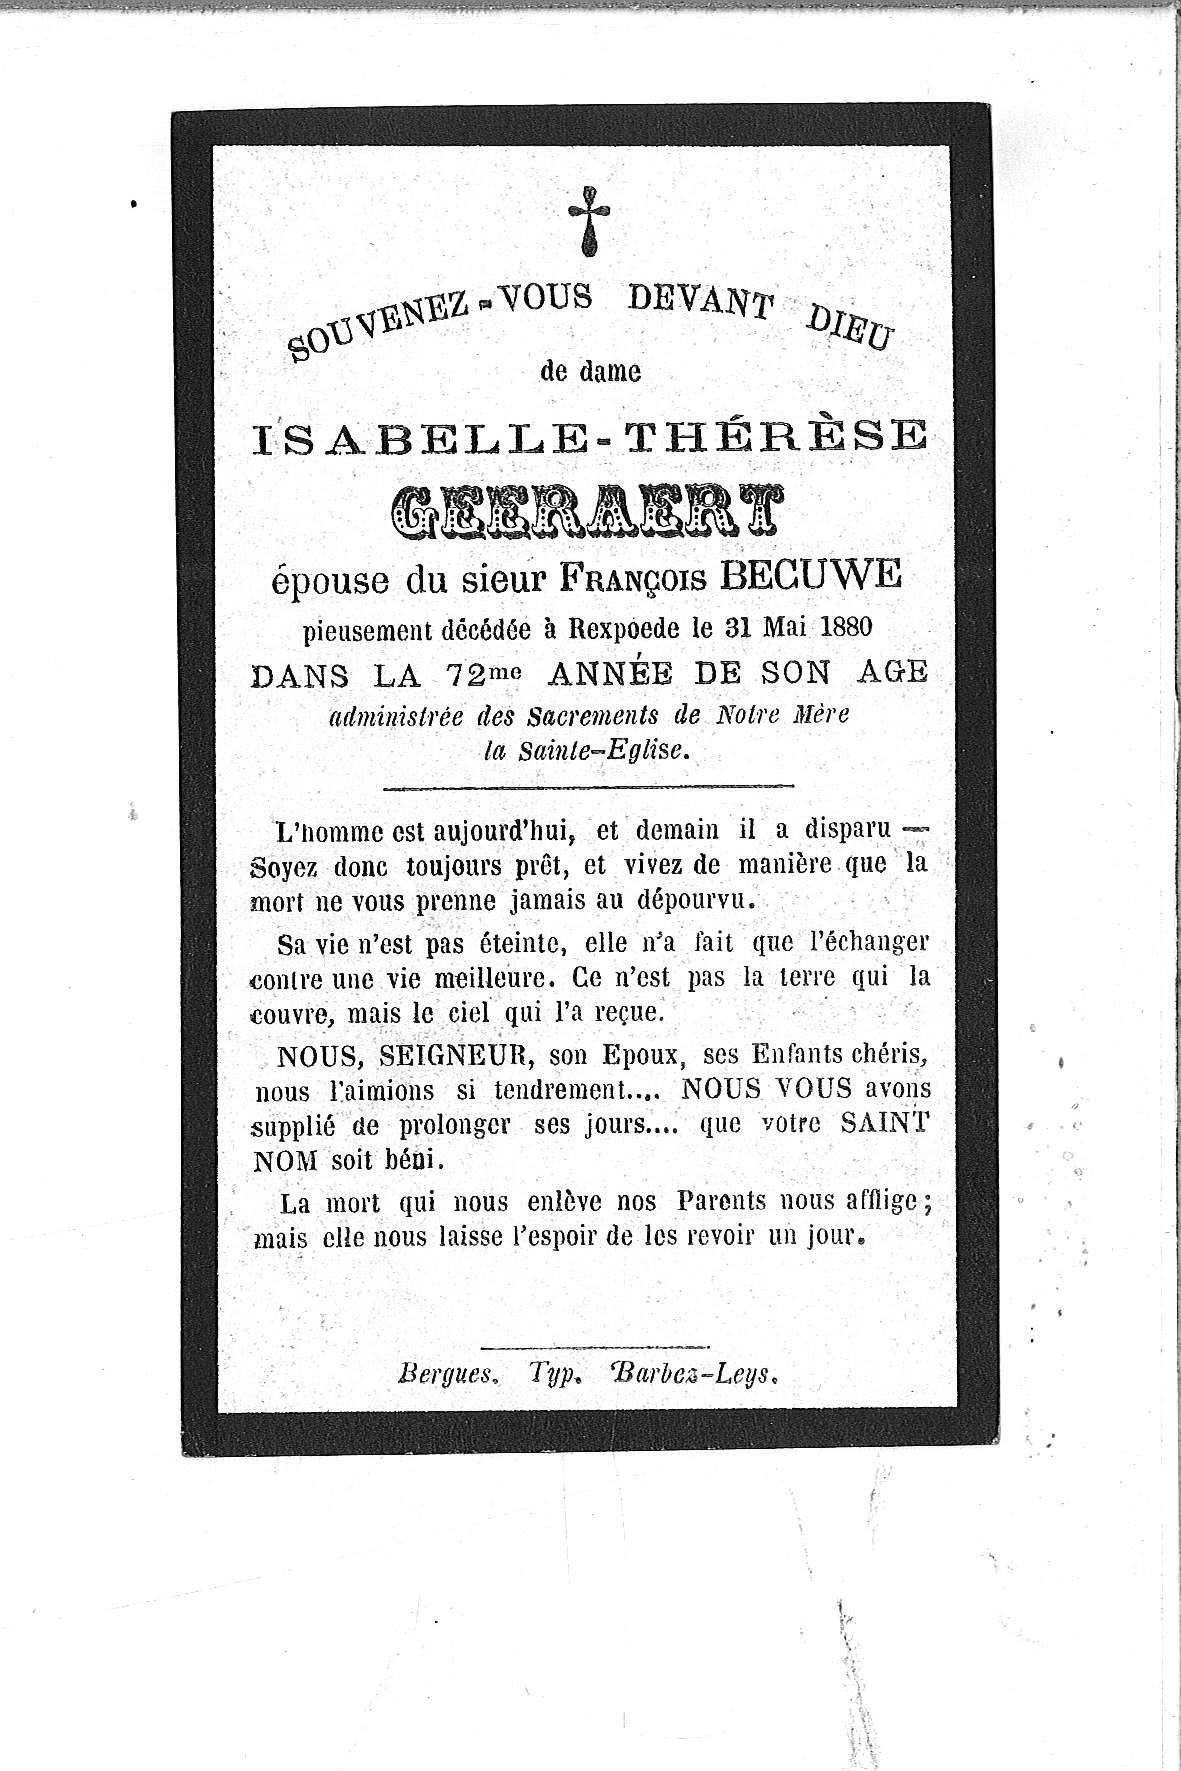 Isabelle-Thérése(1880)20130820085803_00019.jpg